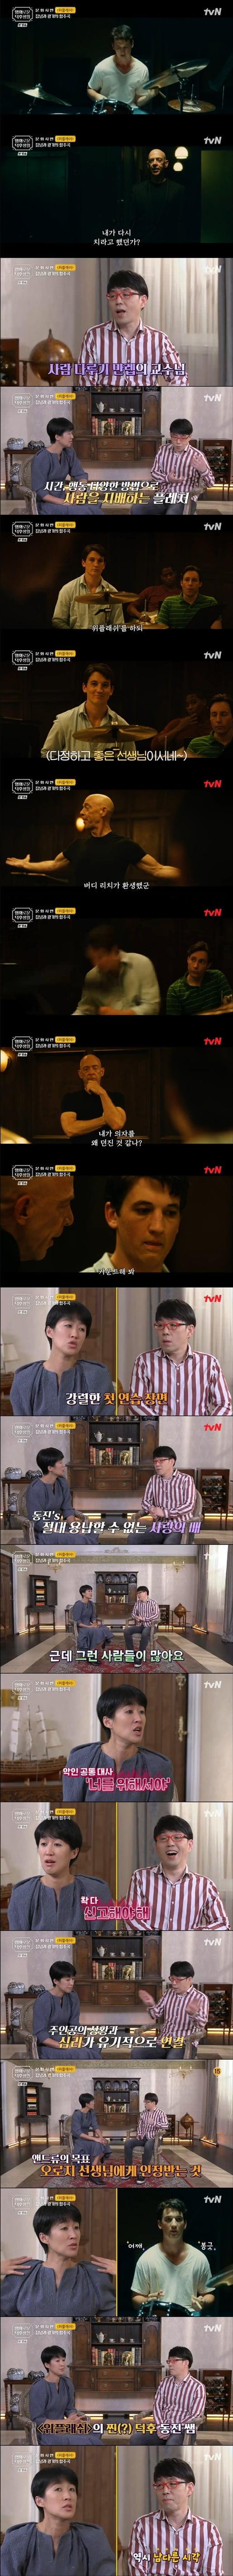 '홍진경의 영화로운 덕후생활'(사진=방송 화면 캡처)